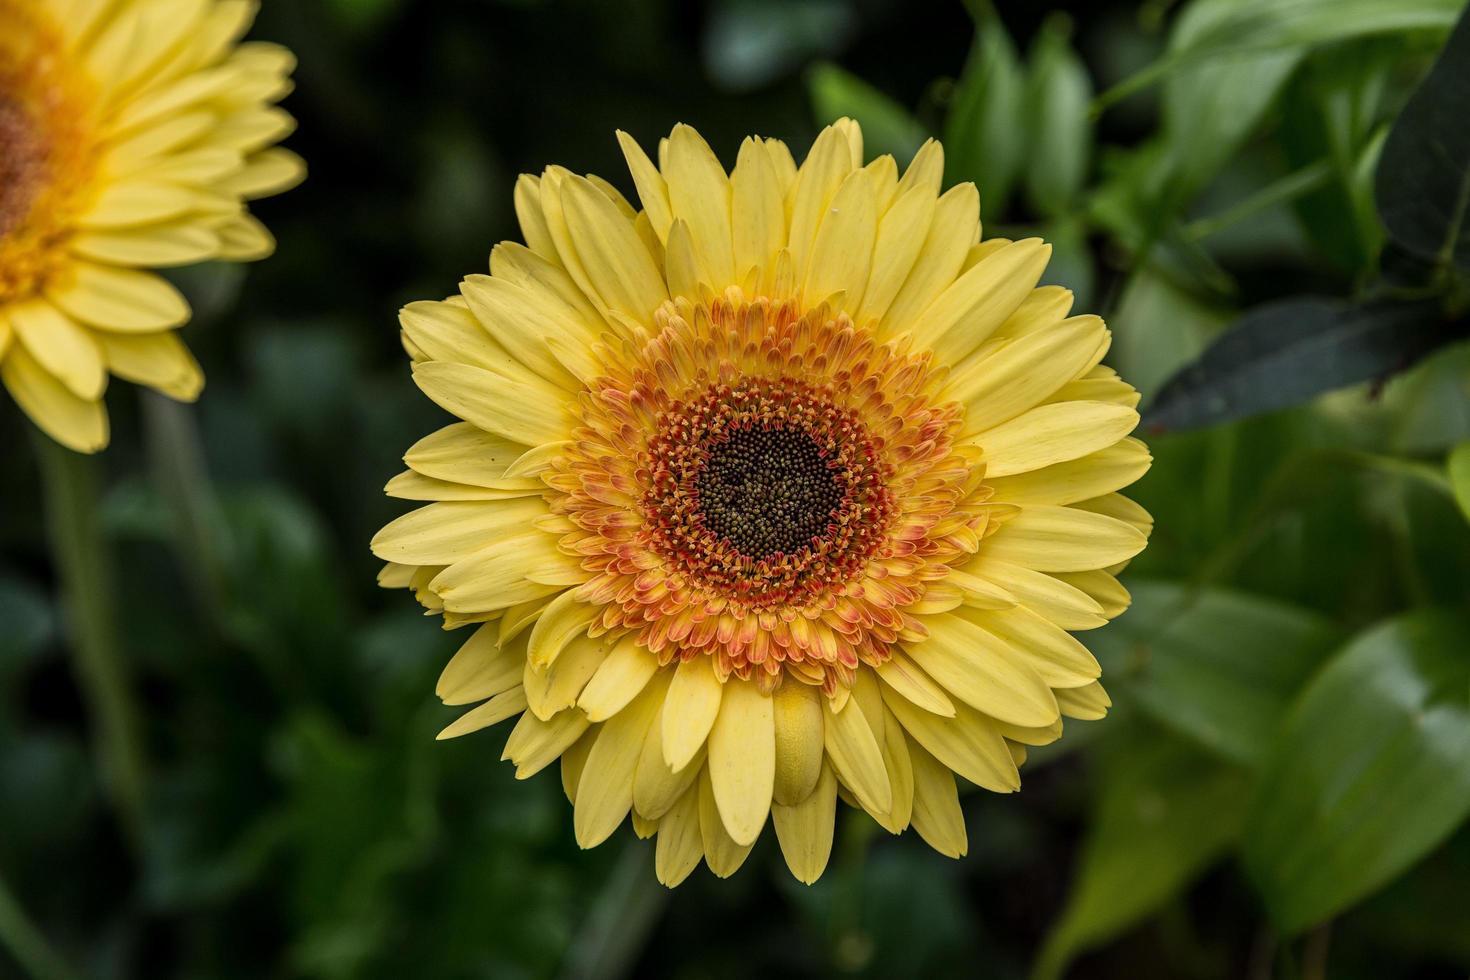 primer plano, de, un, flor amarilla brillante foto